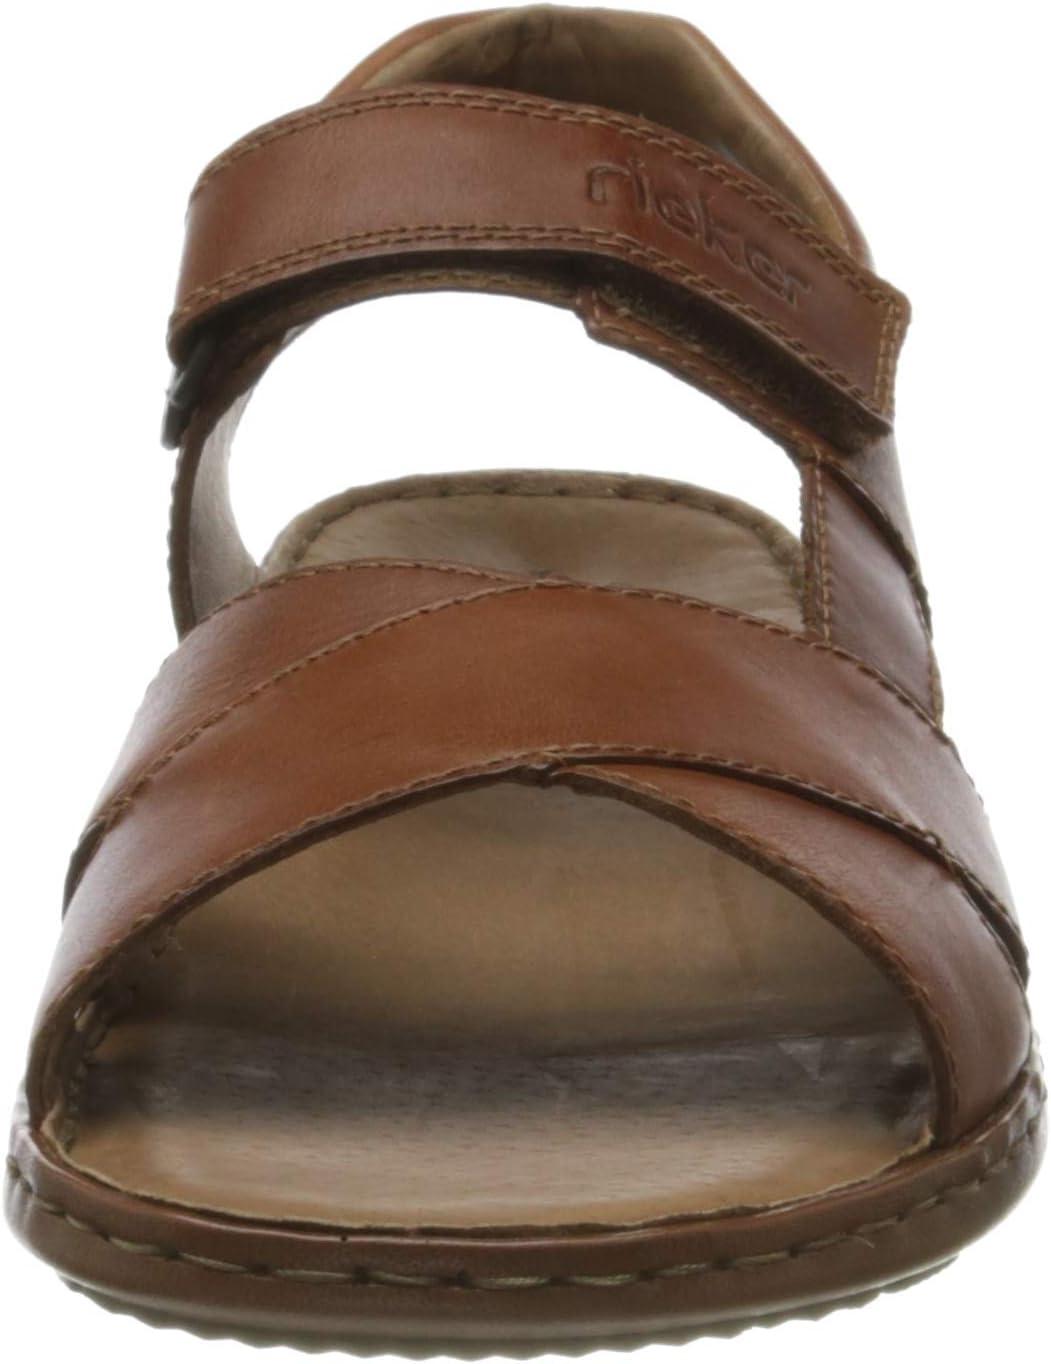 Rieker Frühjahr/Sommer 28963 heren sandalen Braun Peanut 24